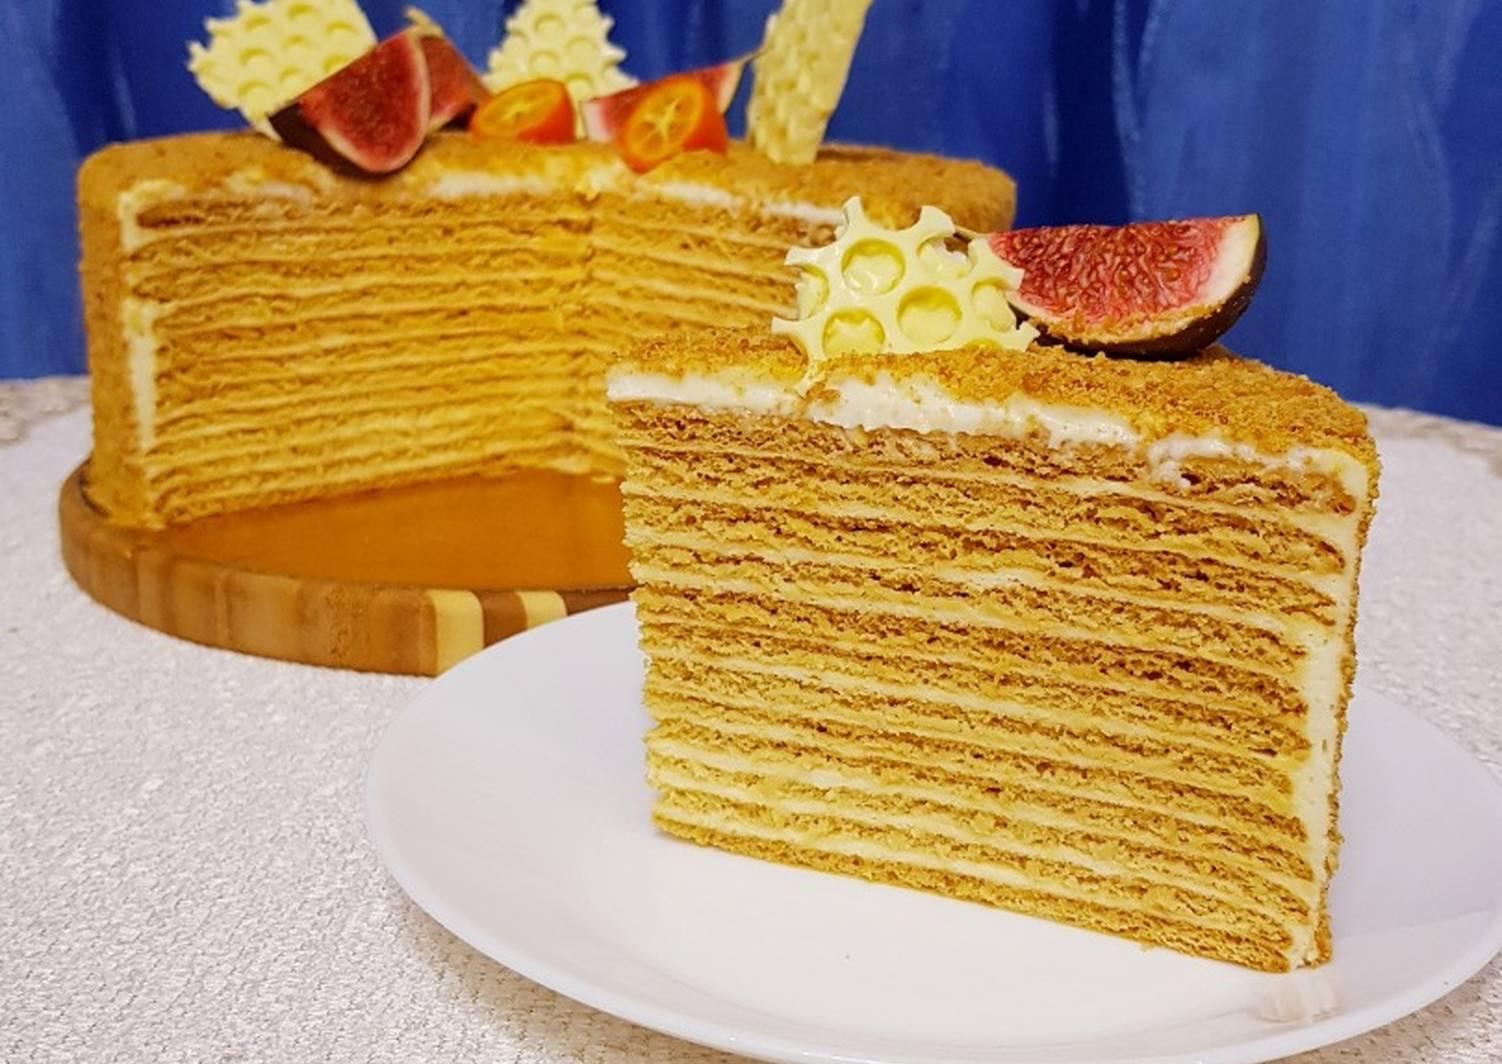 пилатесе можно торт суфле медовик рецепт с фото бюст, широкая